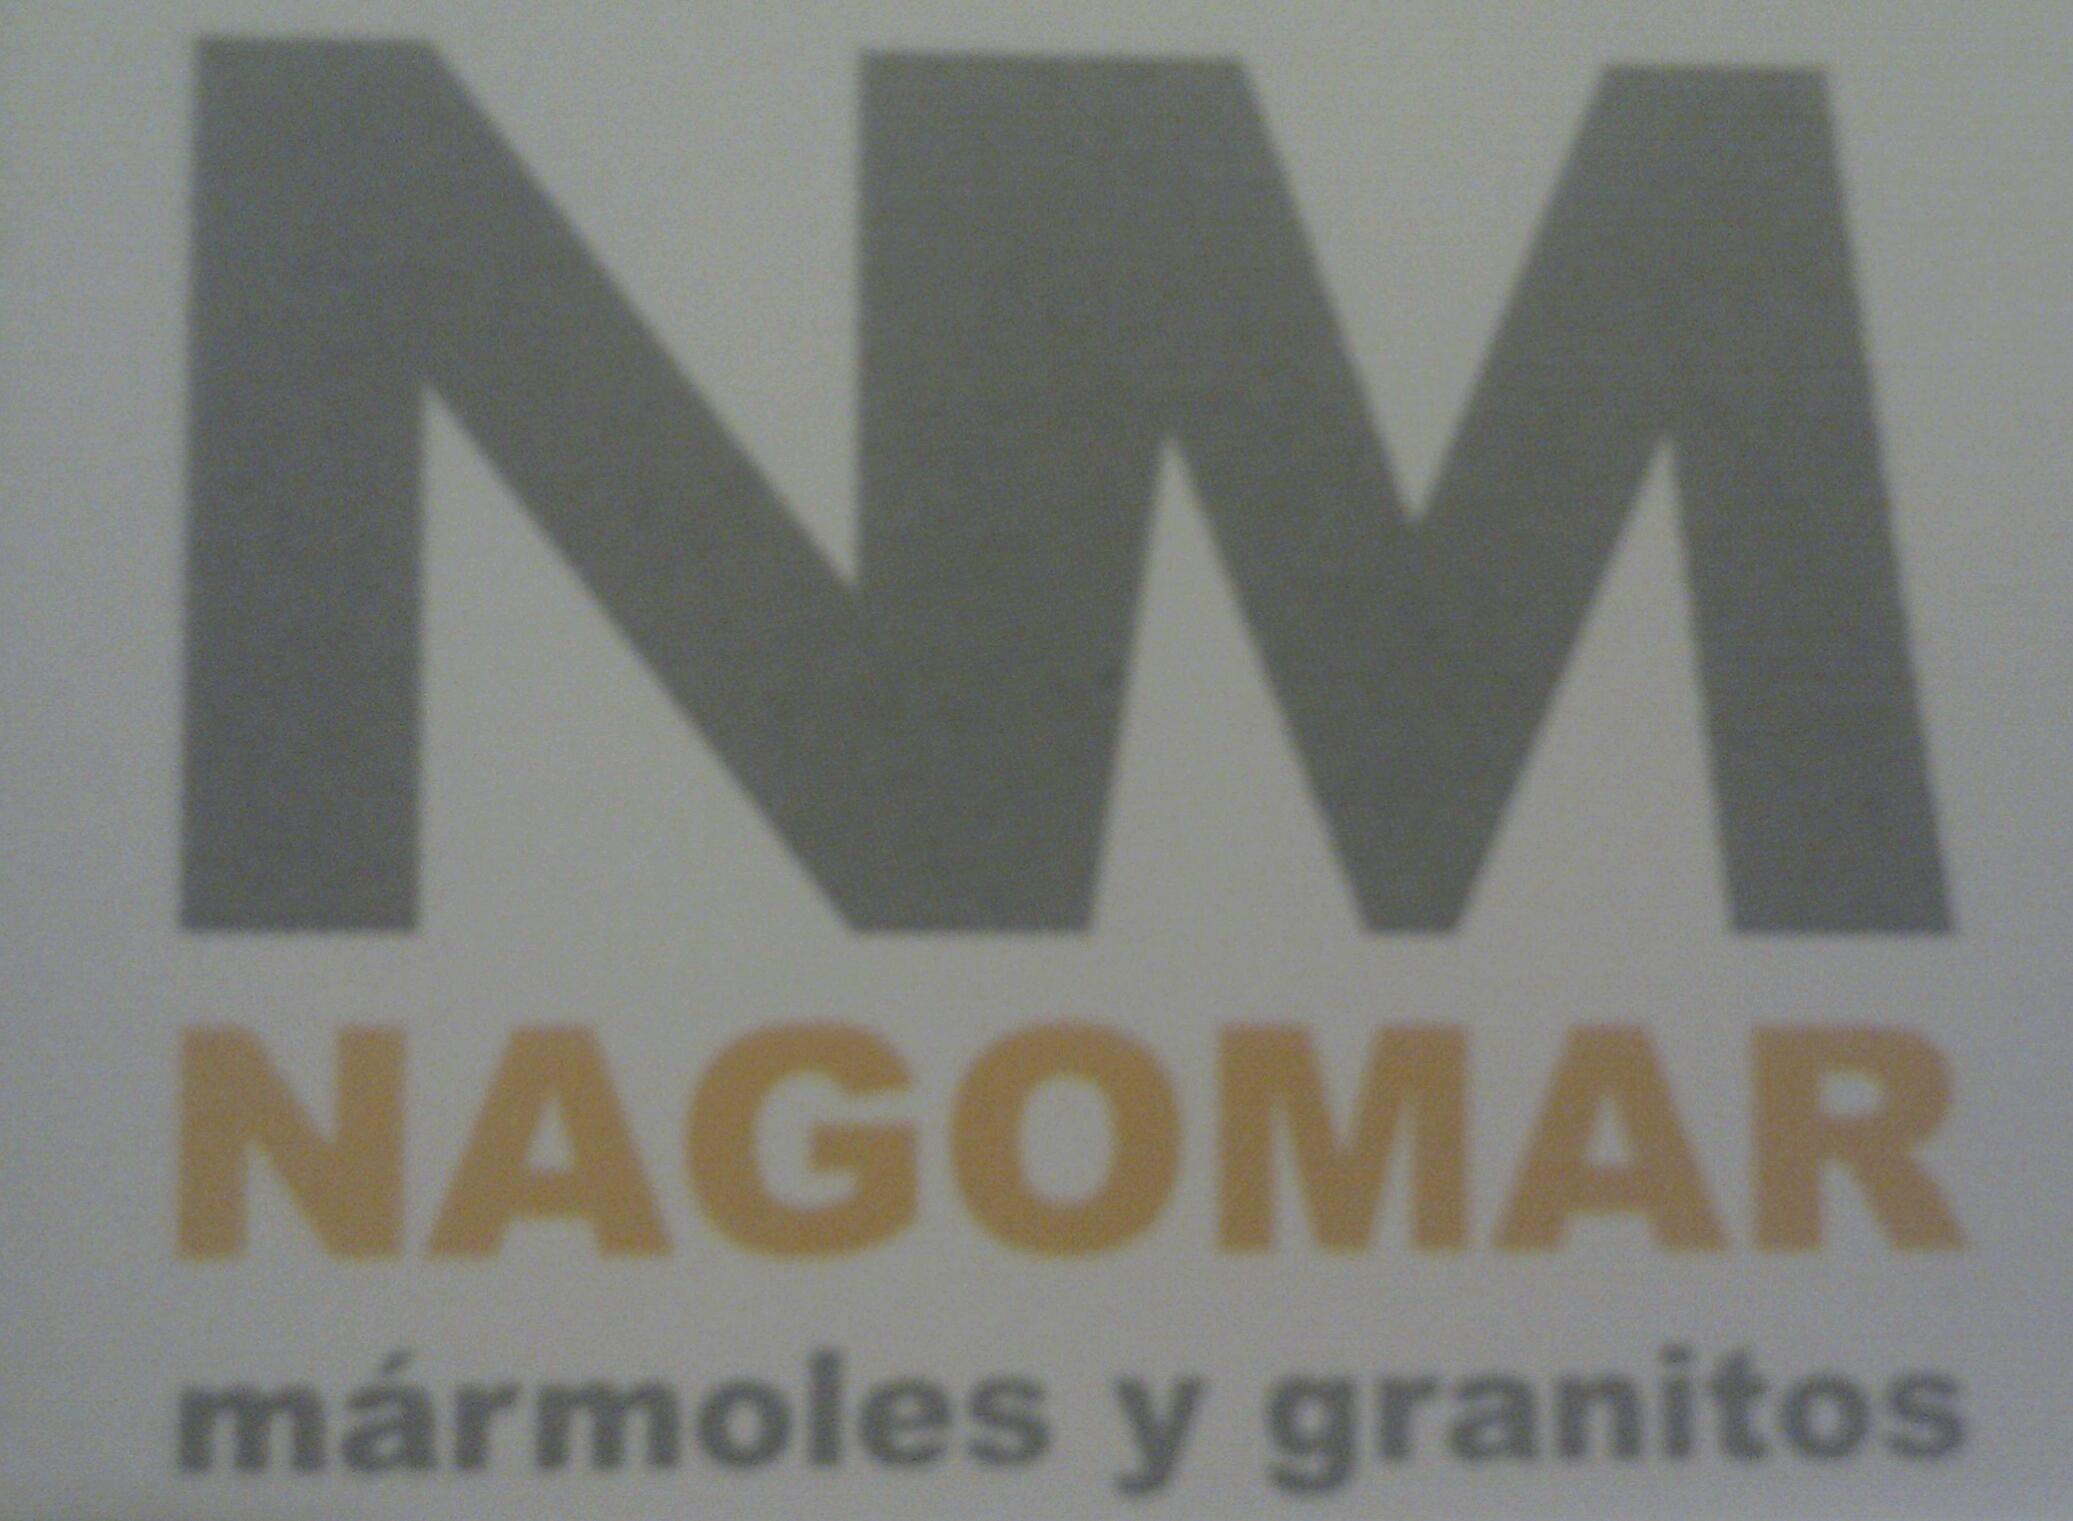 Nagomar Marmoles Y Granitos